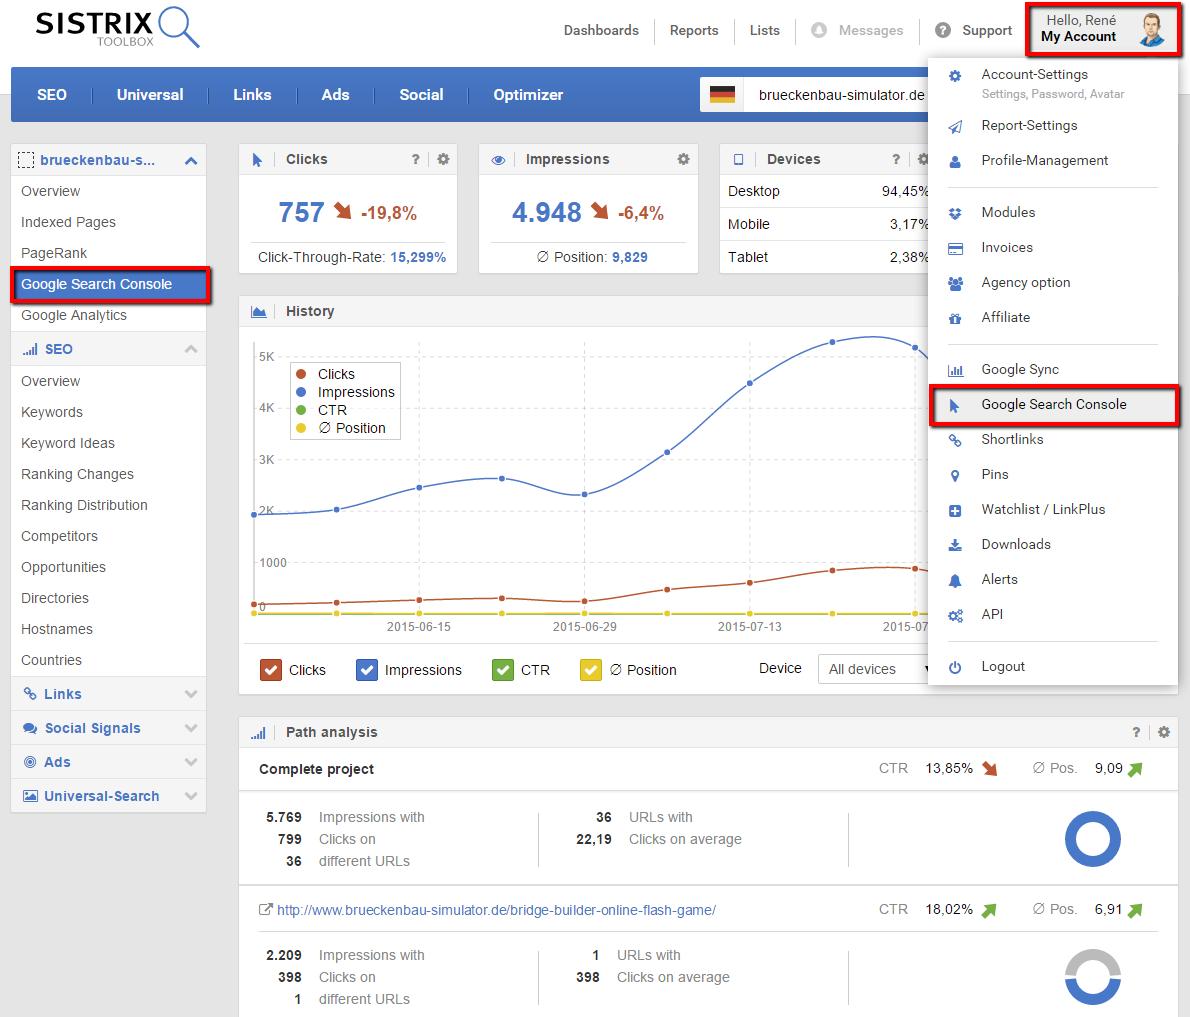 Daten aus der Google Search Console für die eigenen Domains direkt in der SISTRIX Toolbox auswerten.